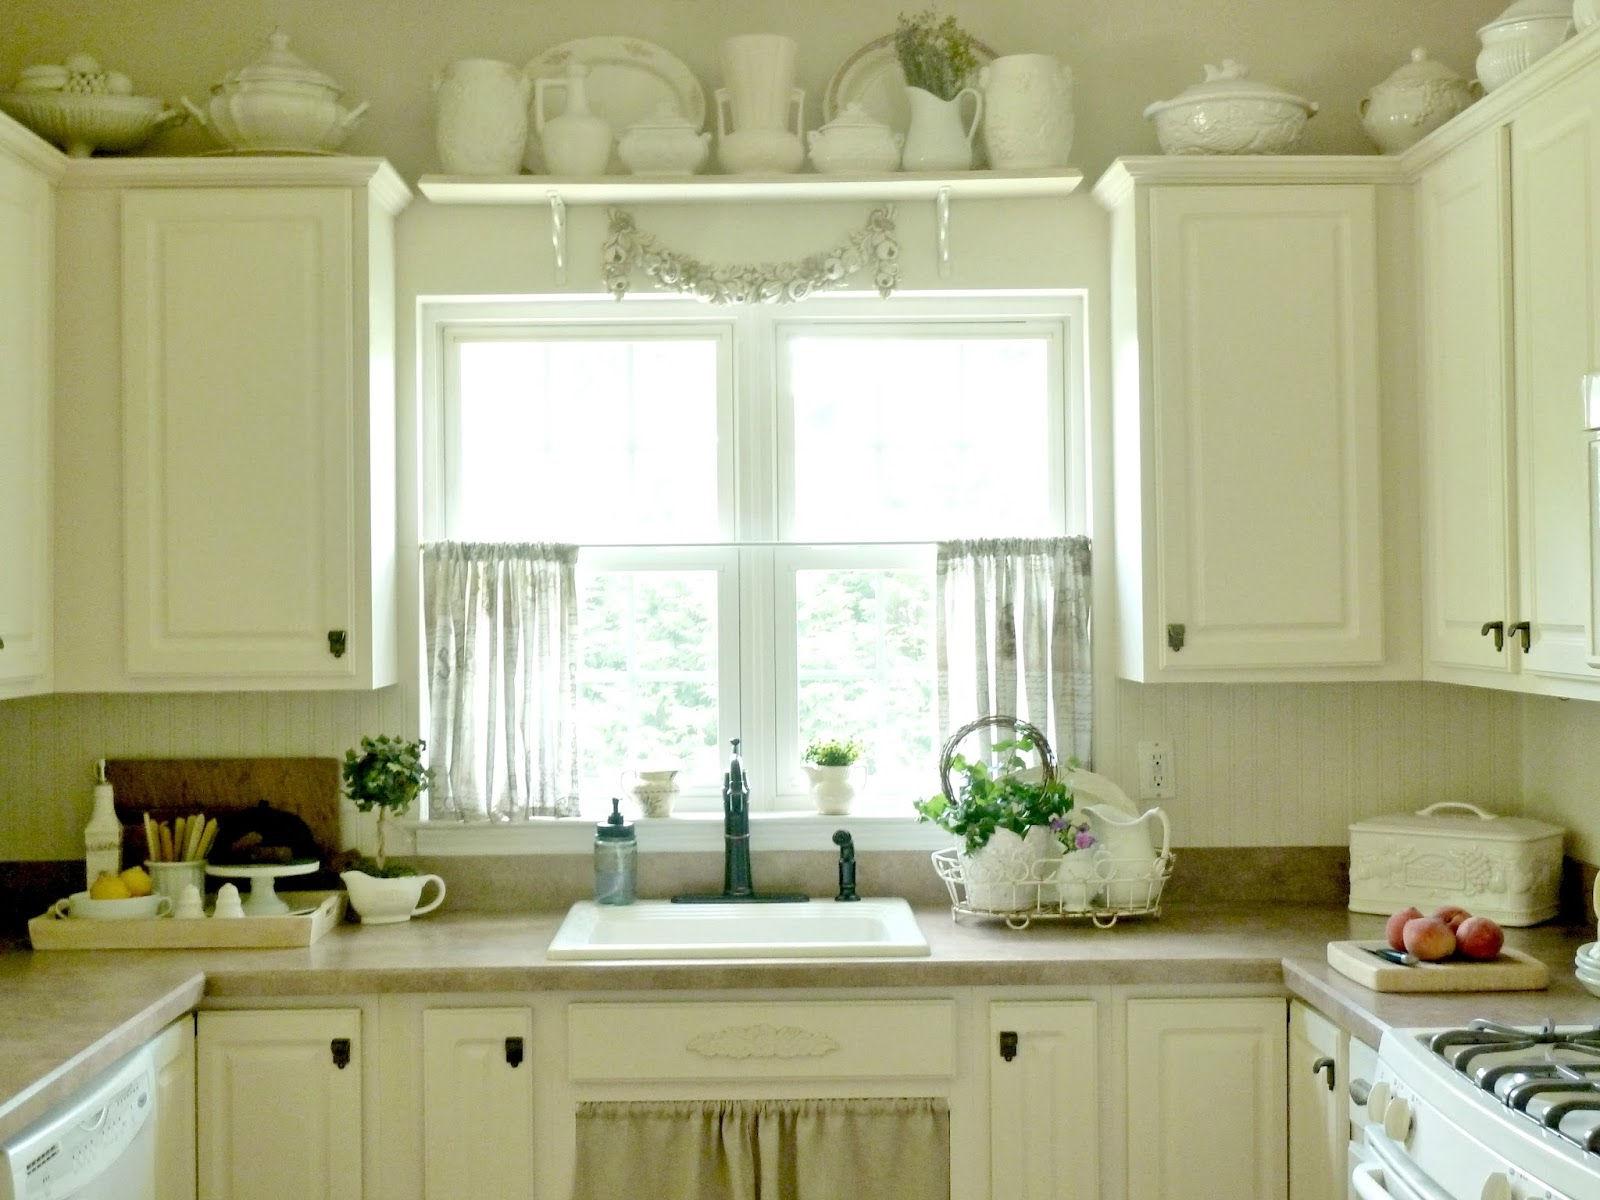 Легкие вуалевые кухонные занавески посажены на одну шторную ленту